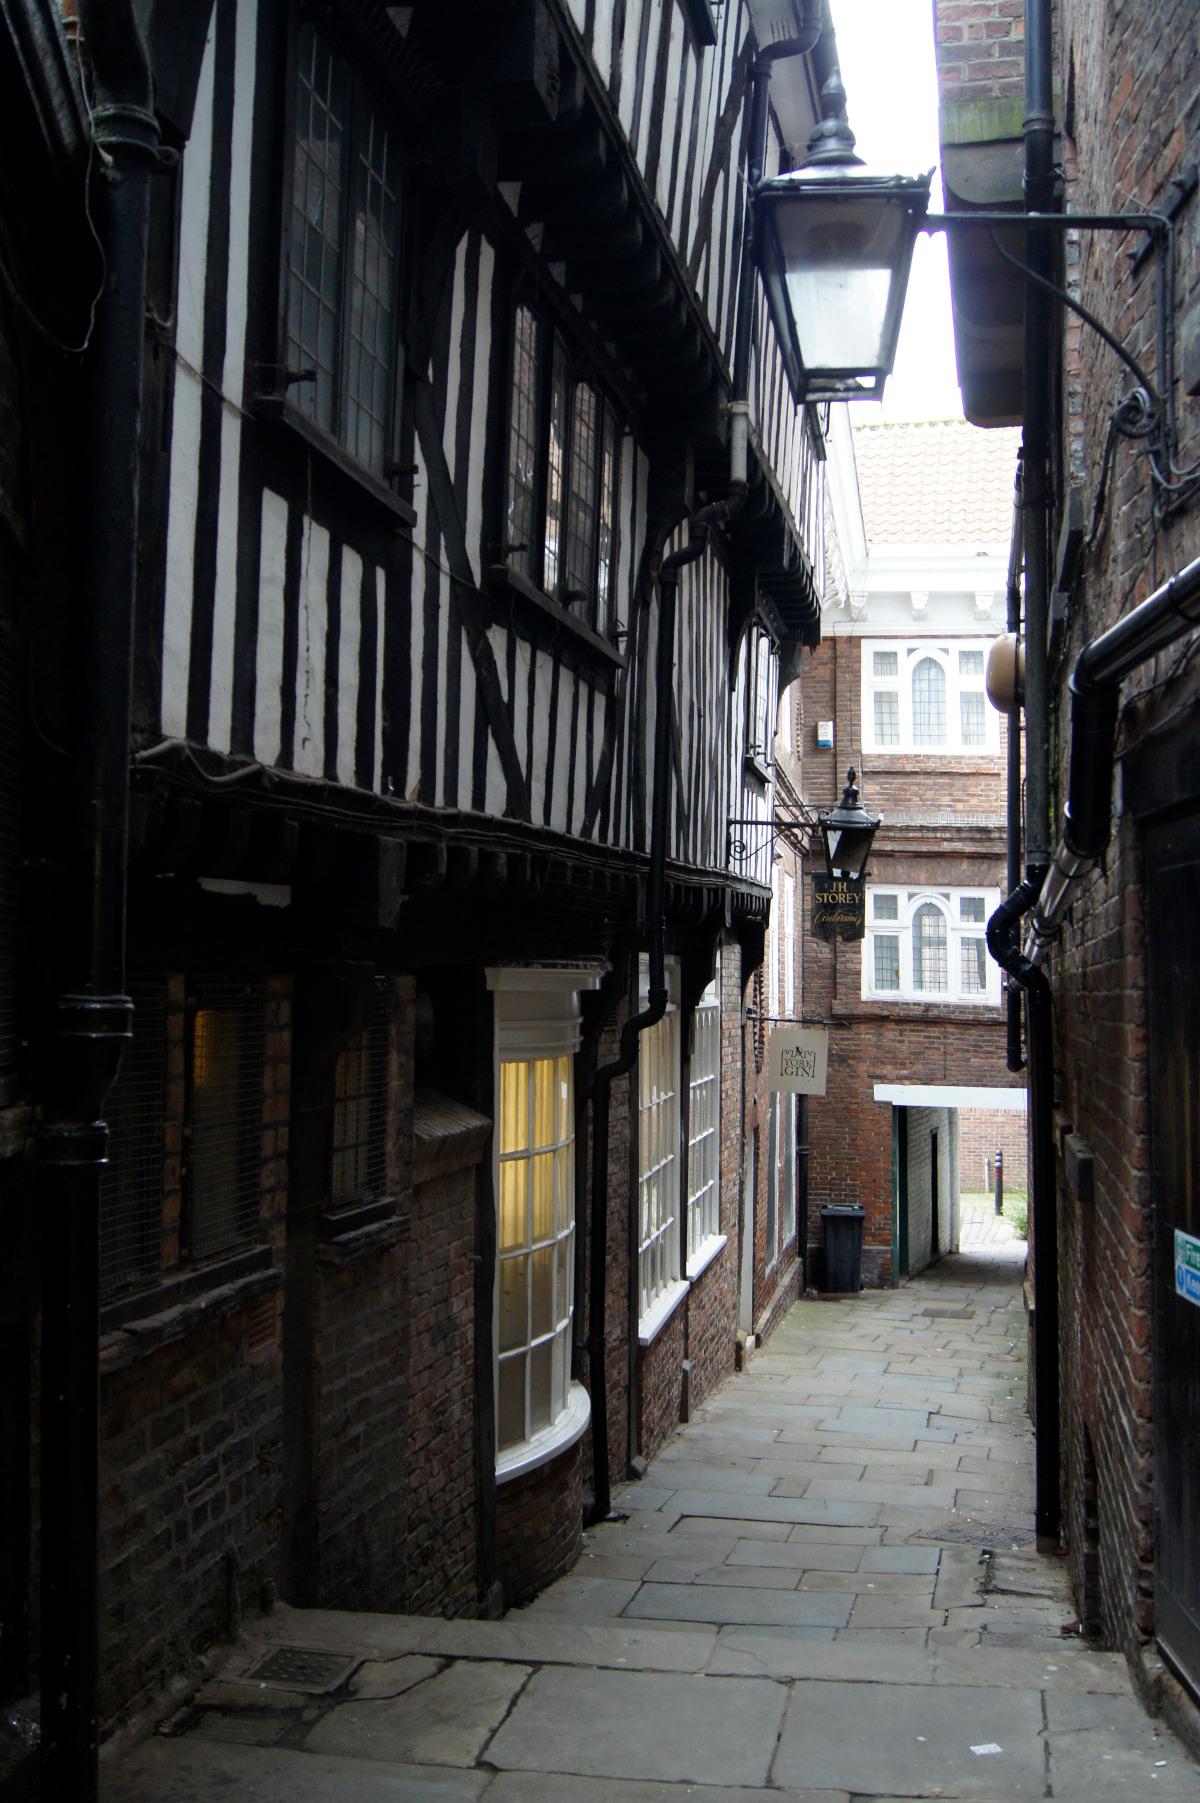 Les snickelways de York